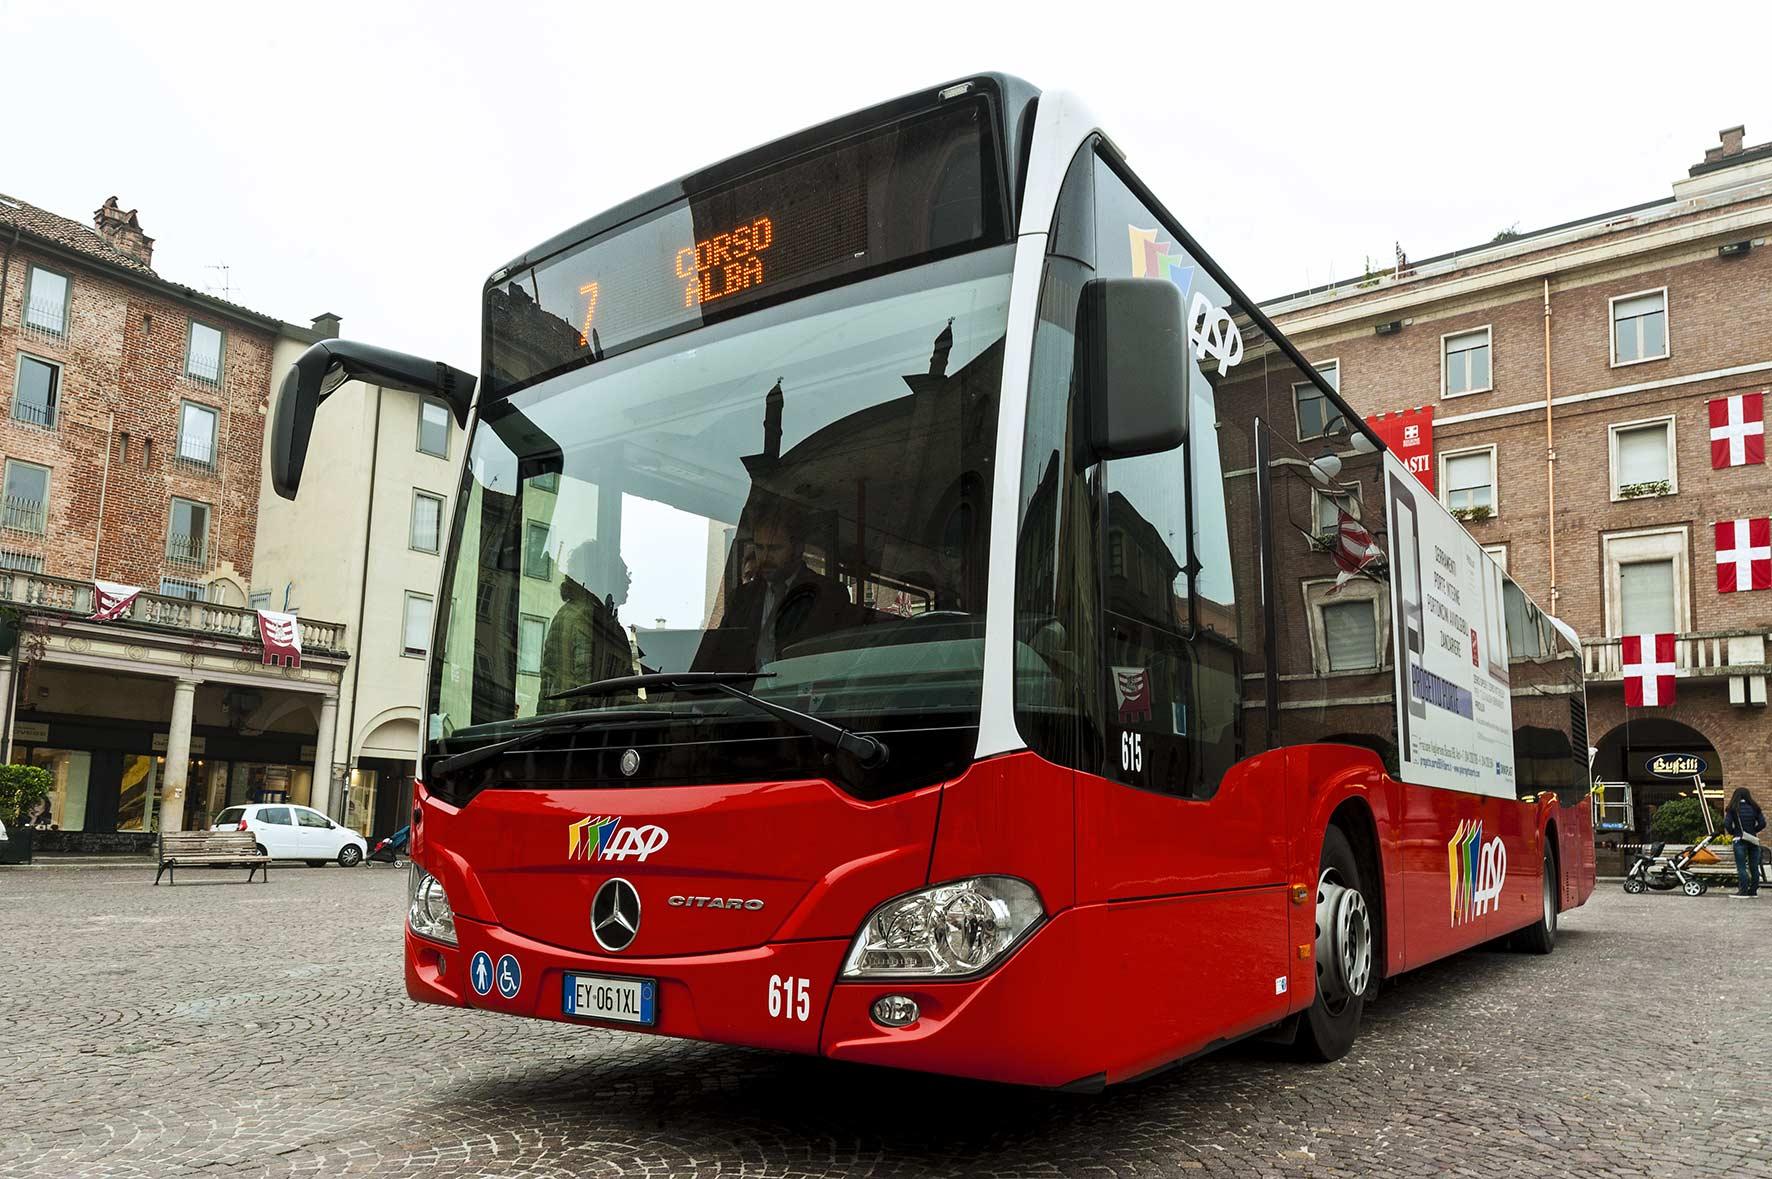 un bus della flotta Asp